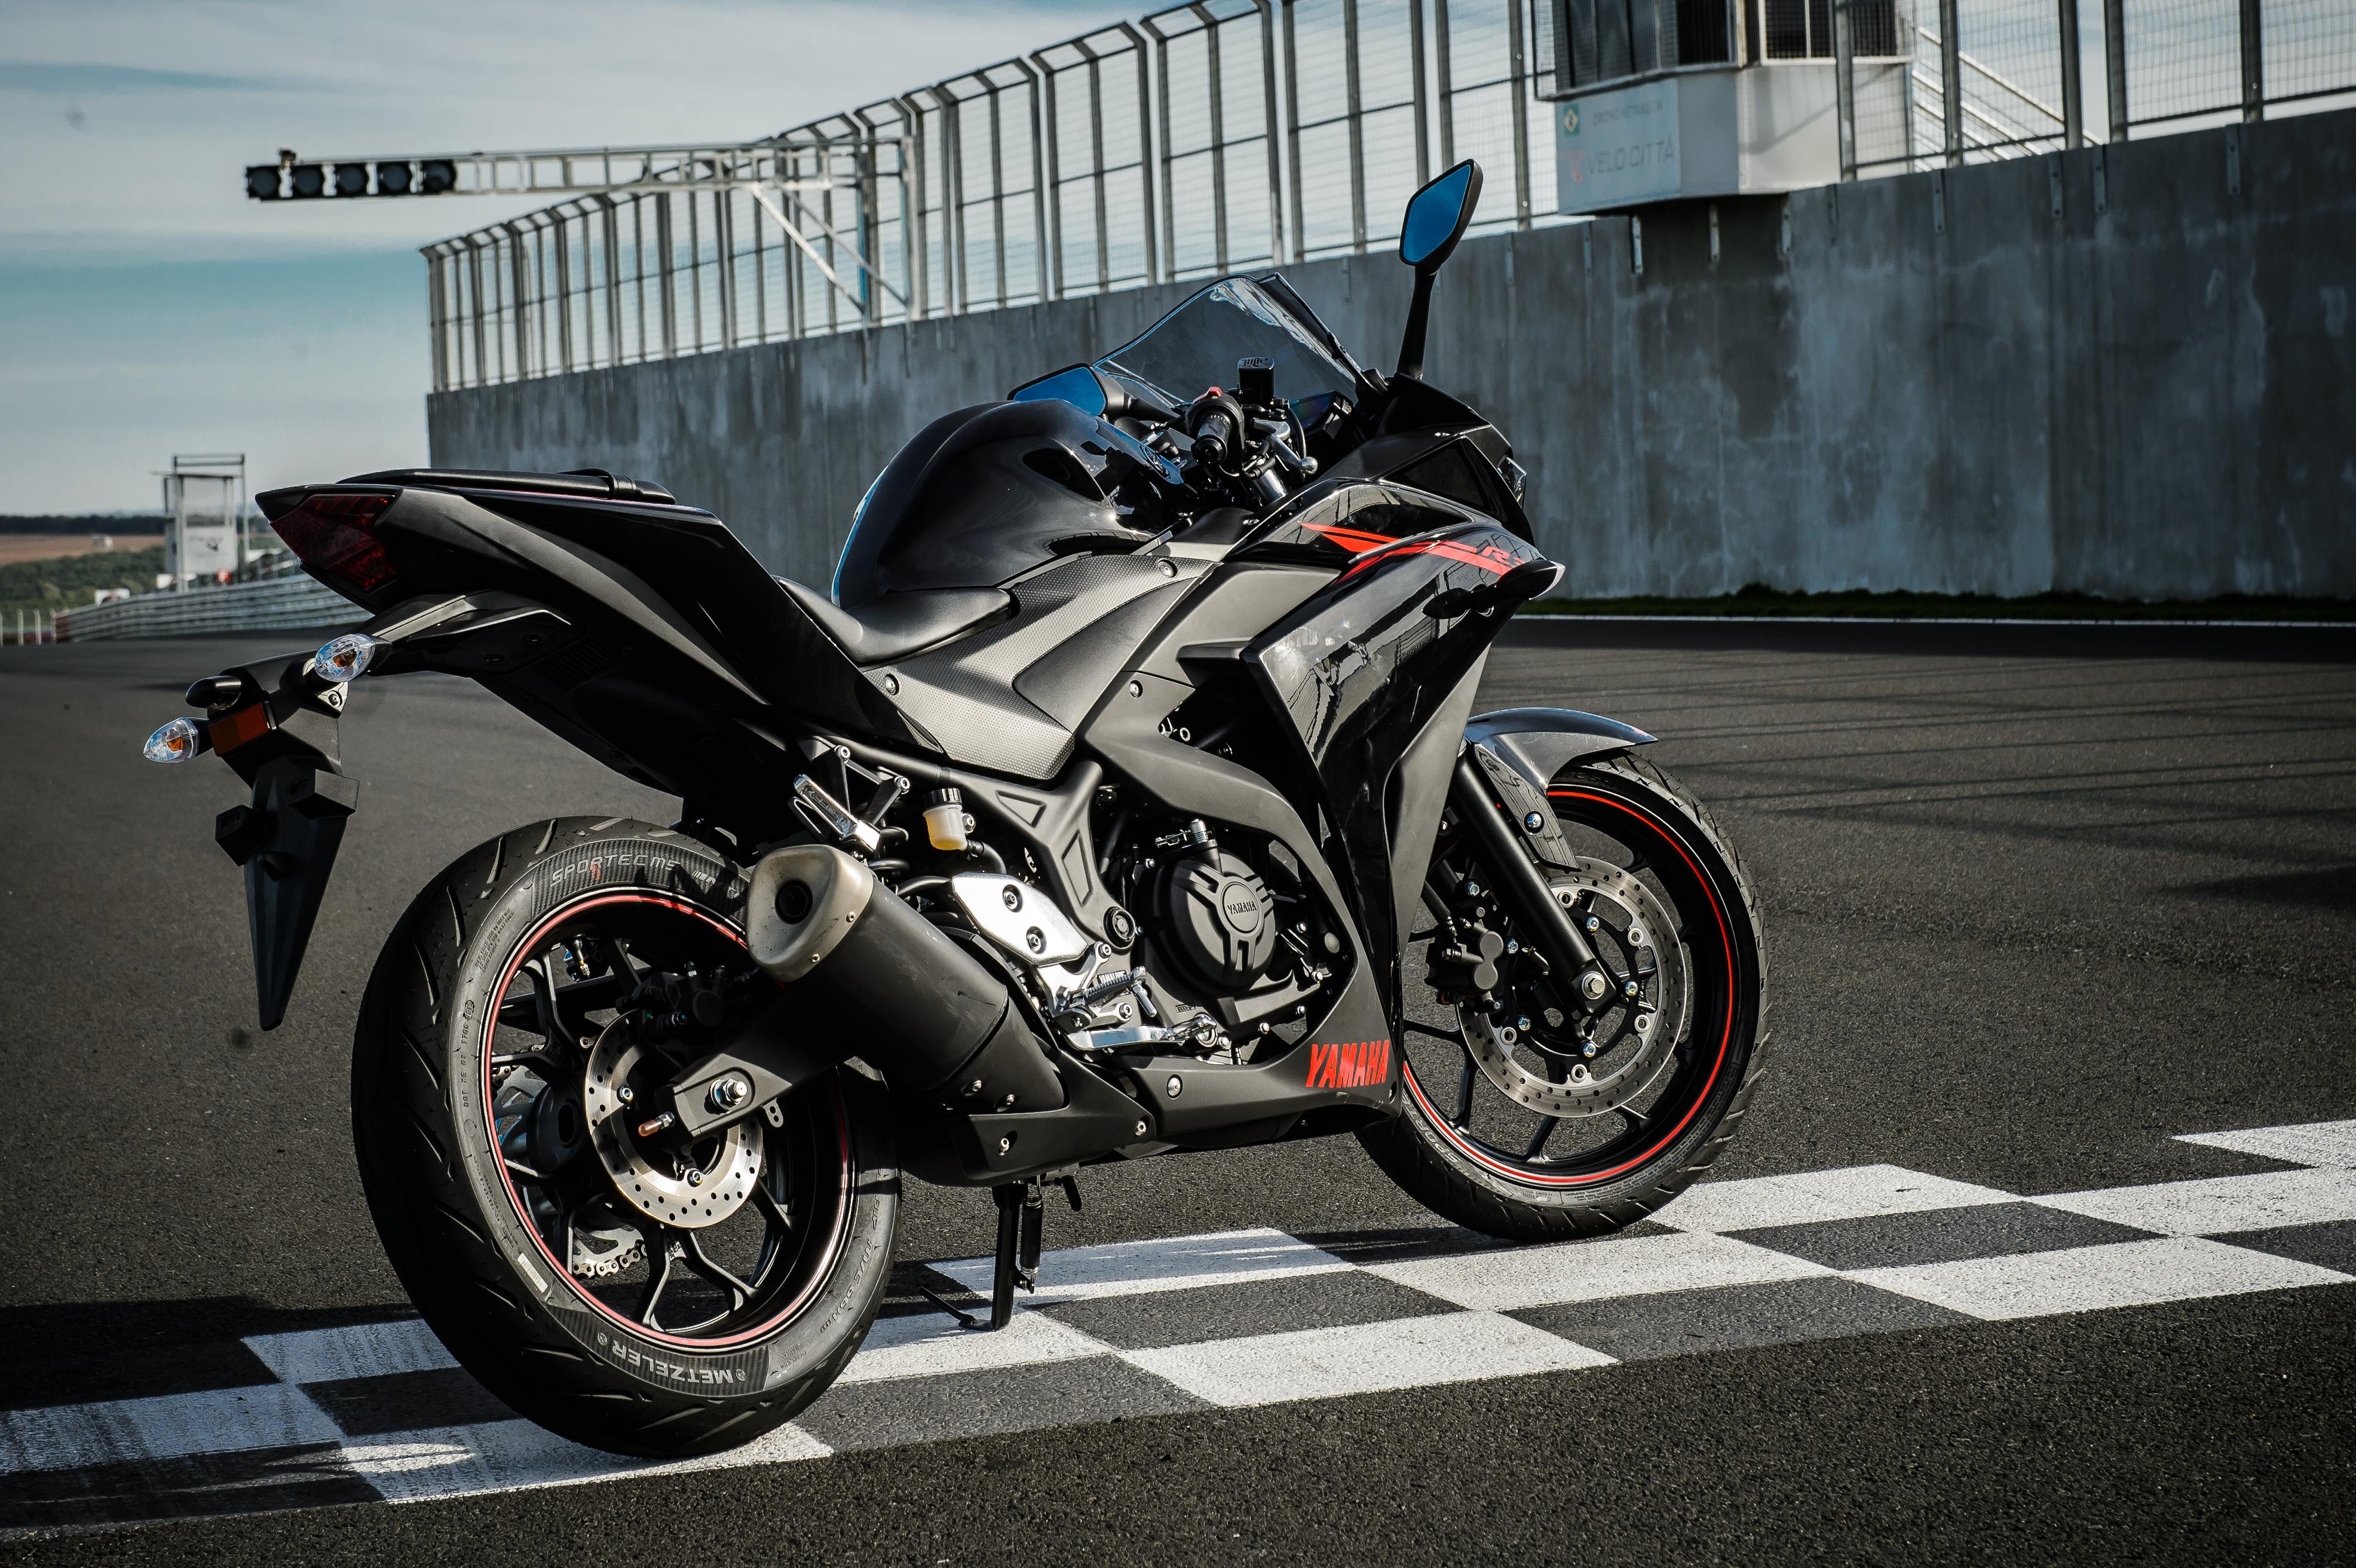 Fabuleux Ficha técnica da Yamaha R3 2016 a 2019 UB41